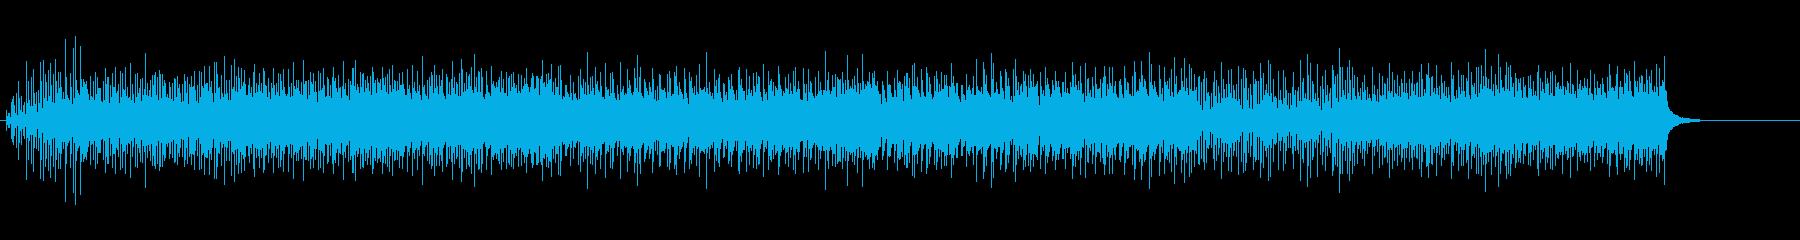 スピード感あふれるエレクトリックポップスの再生済みの波形